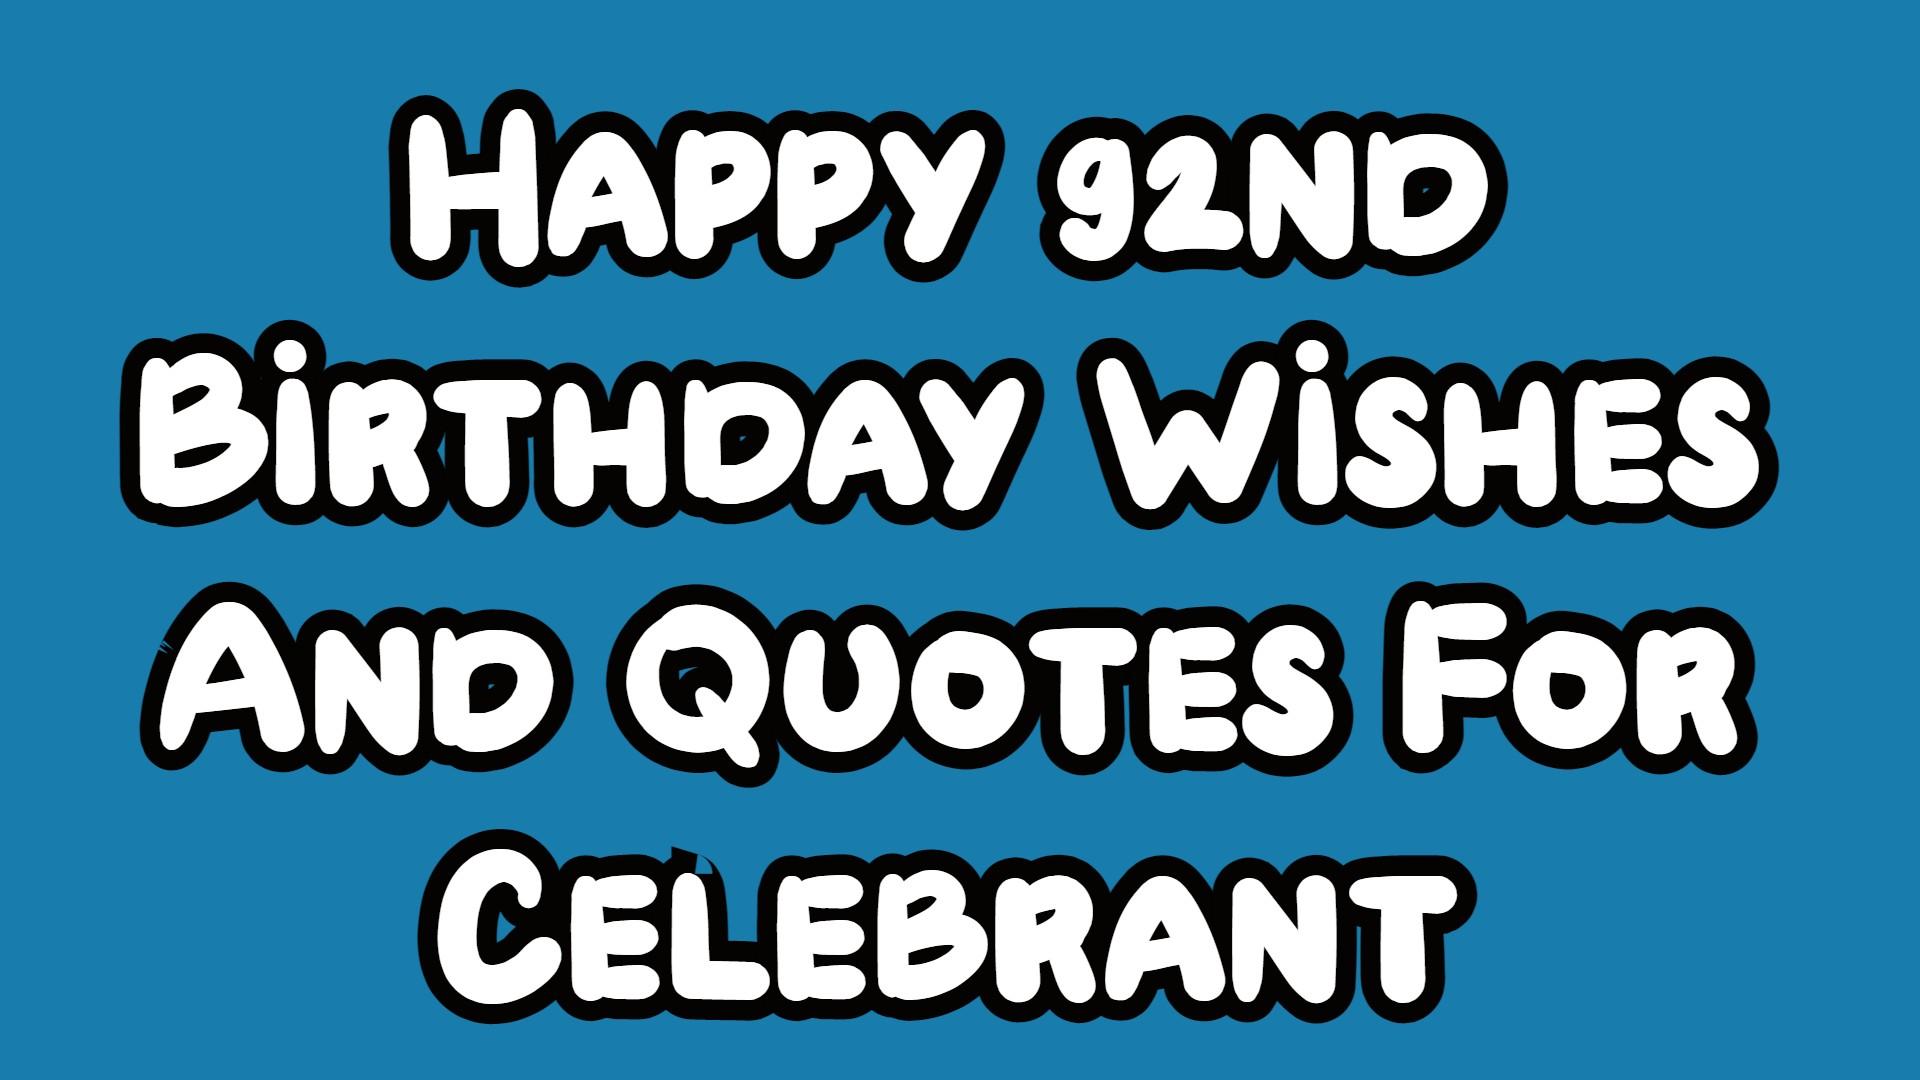 Happy 92nd Birthday